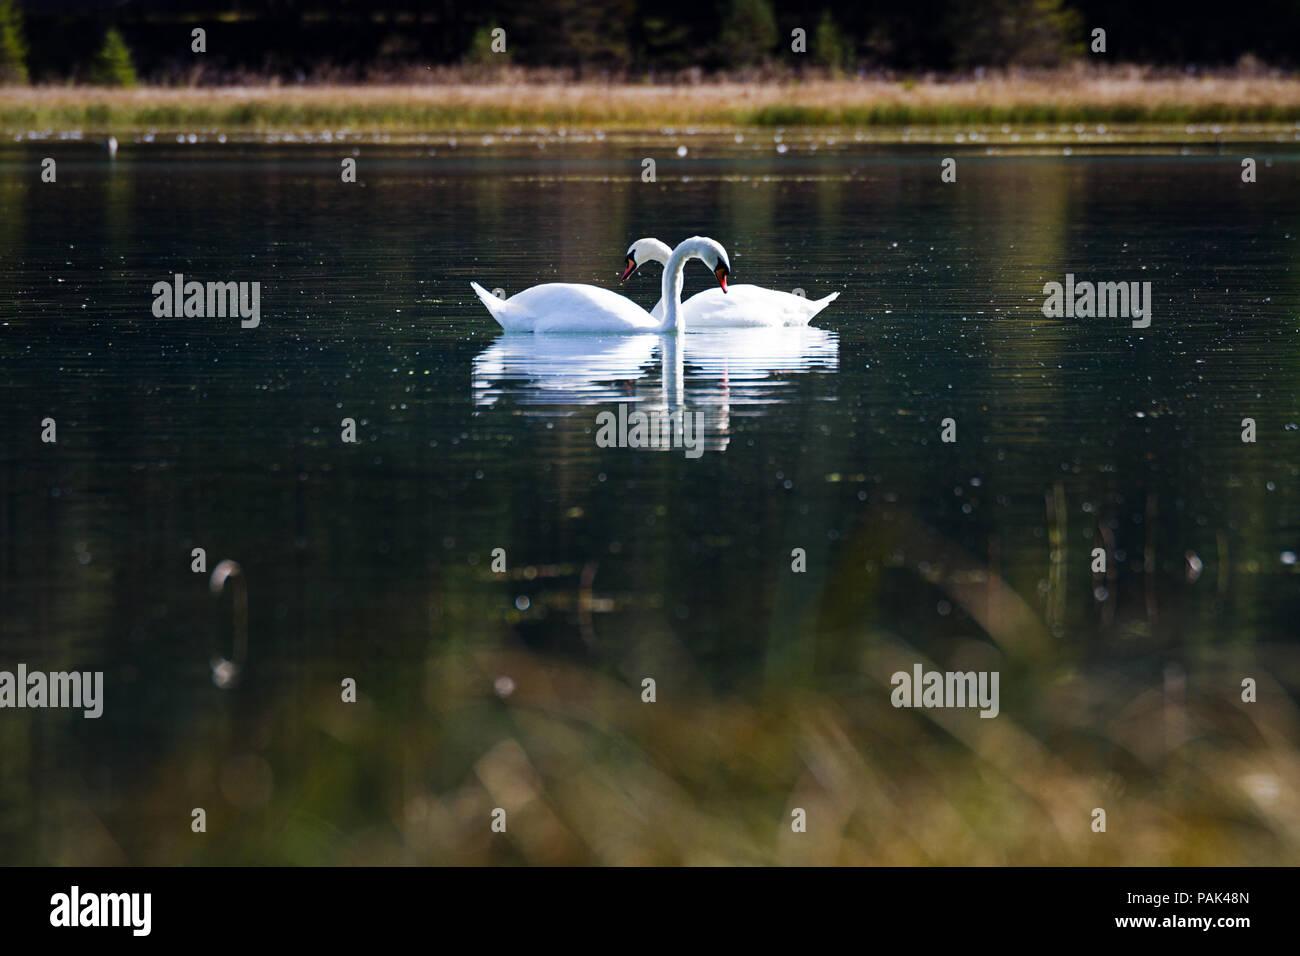 Zwei Schwäne bilden ein Herz während sie verliebt aneinander vorbei schwimmen Stock Photo